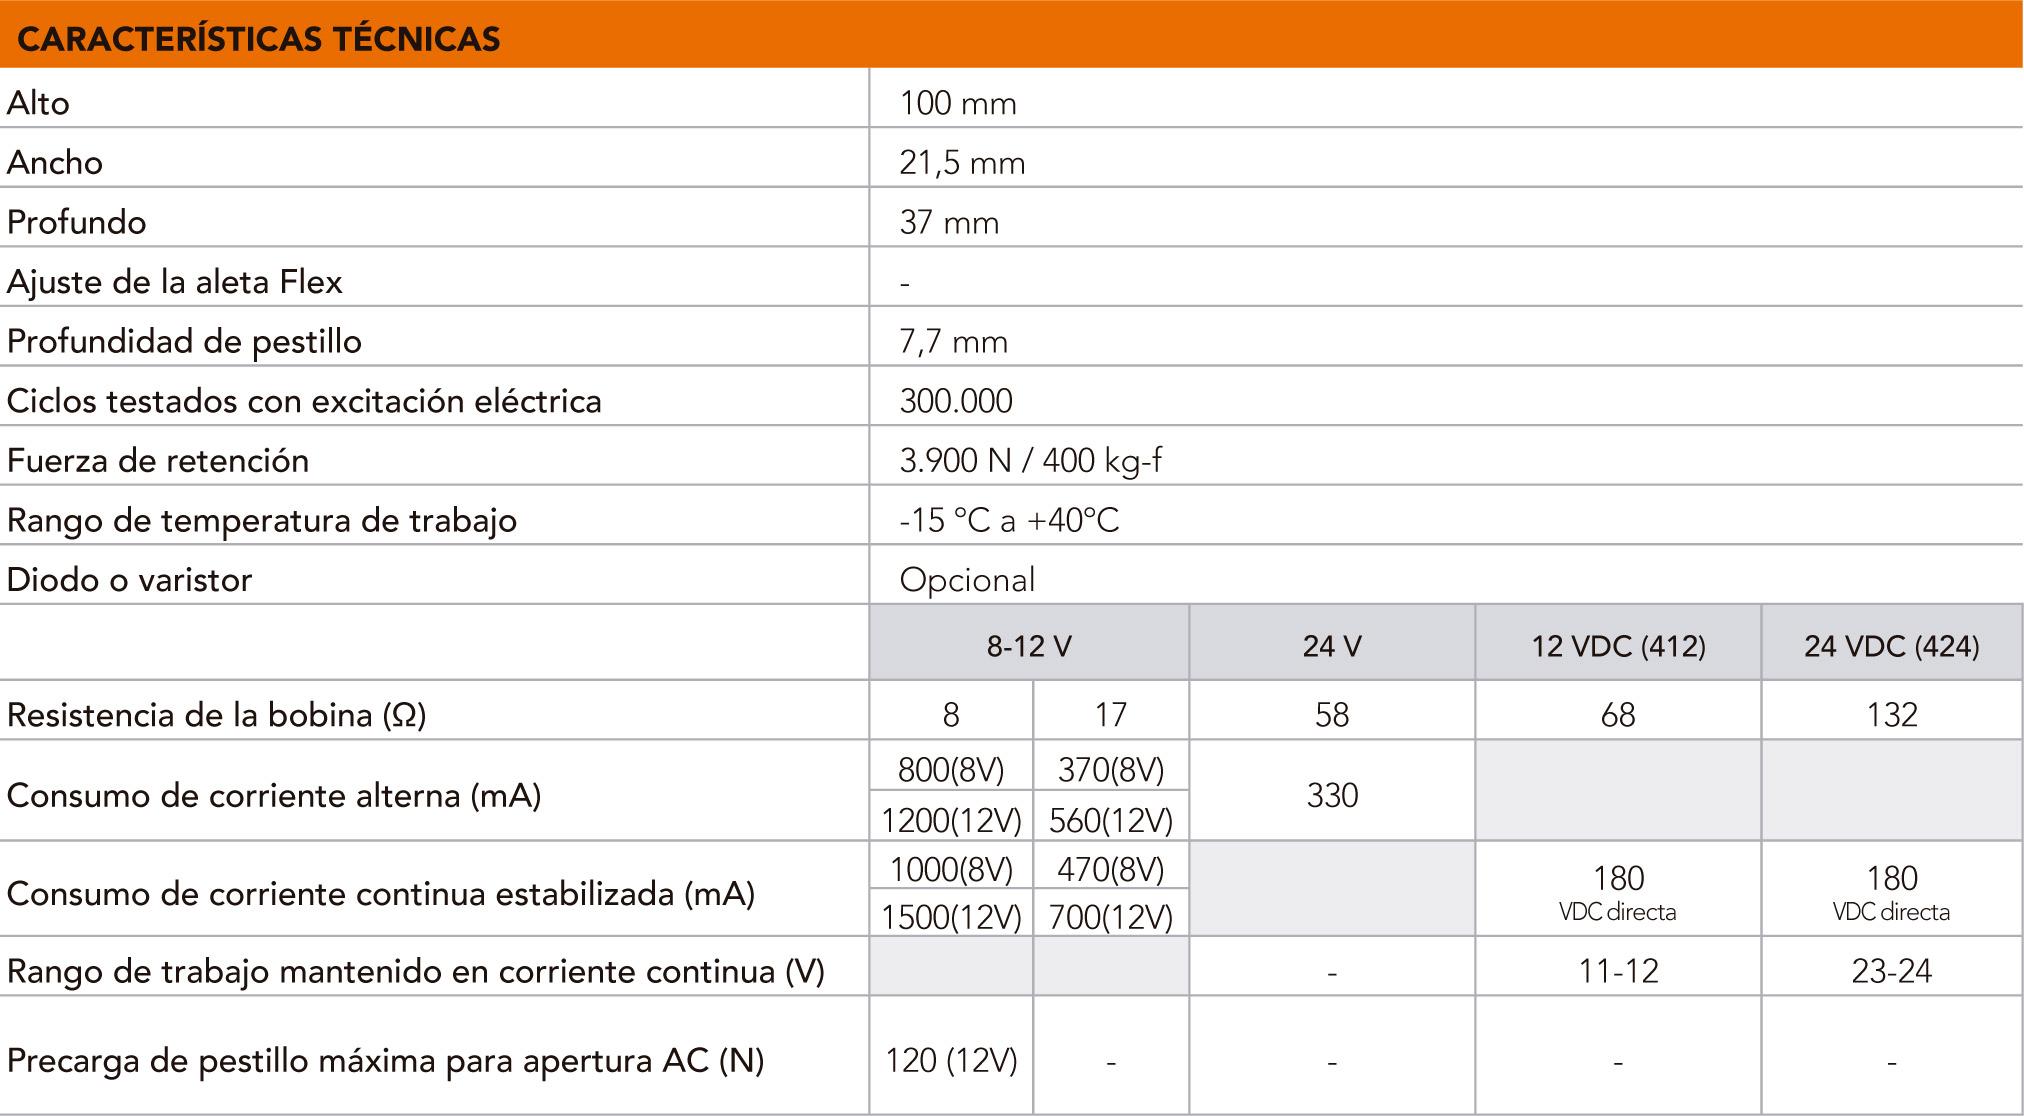 S62_caracteristicas